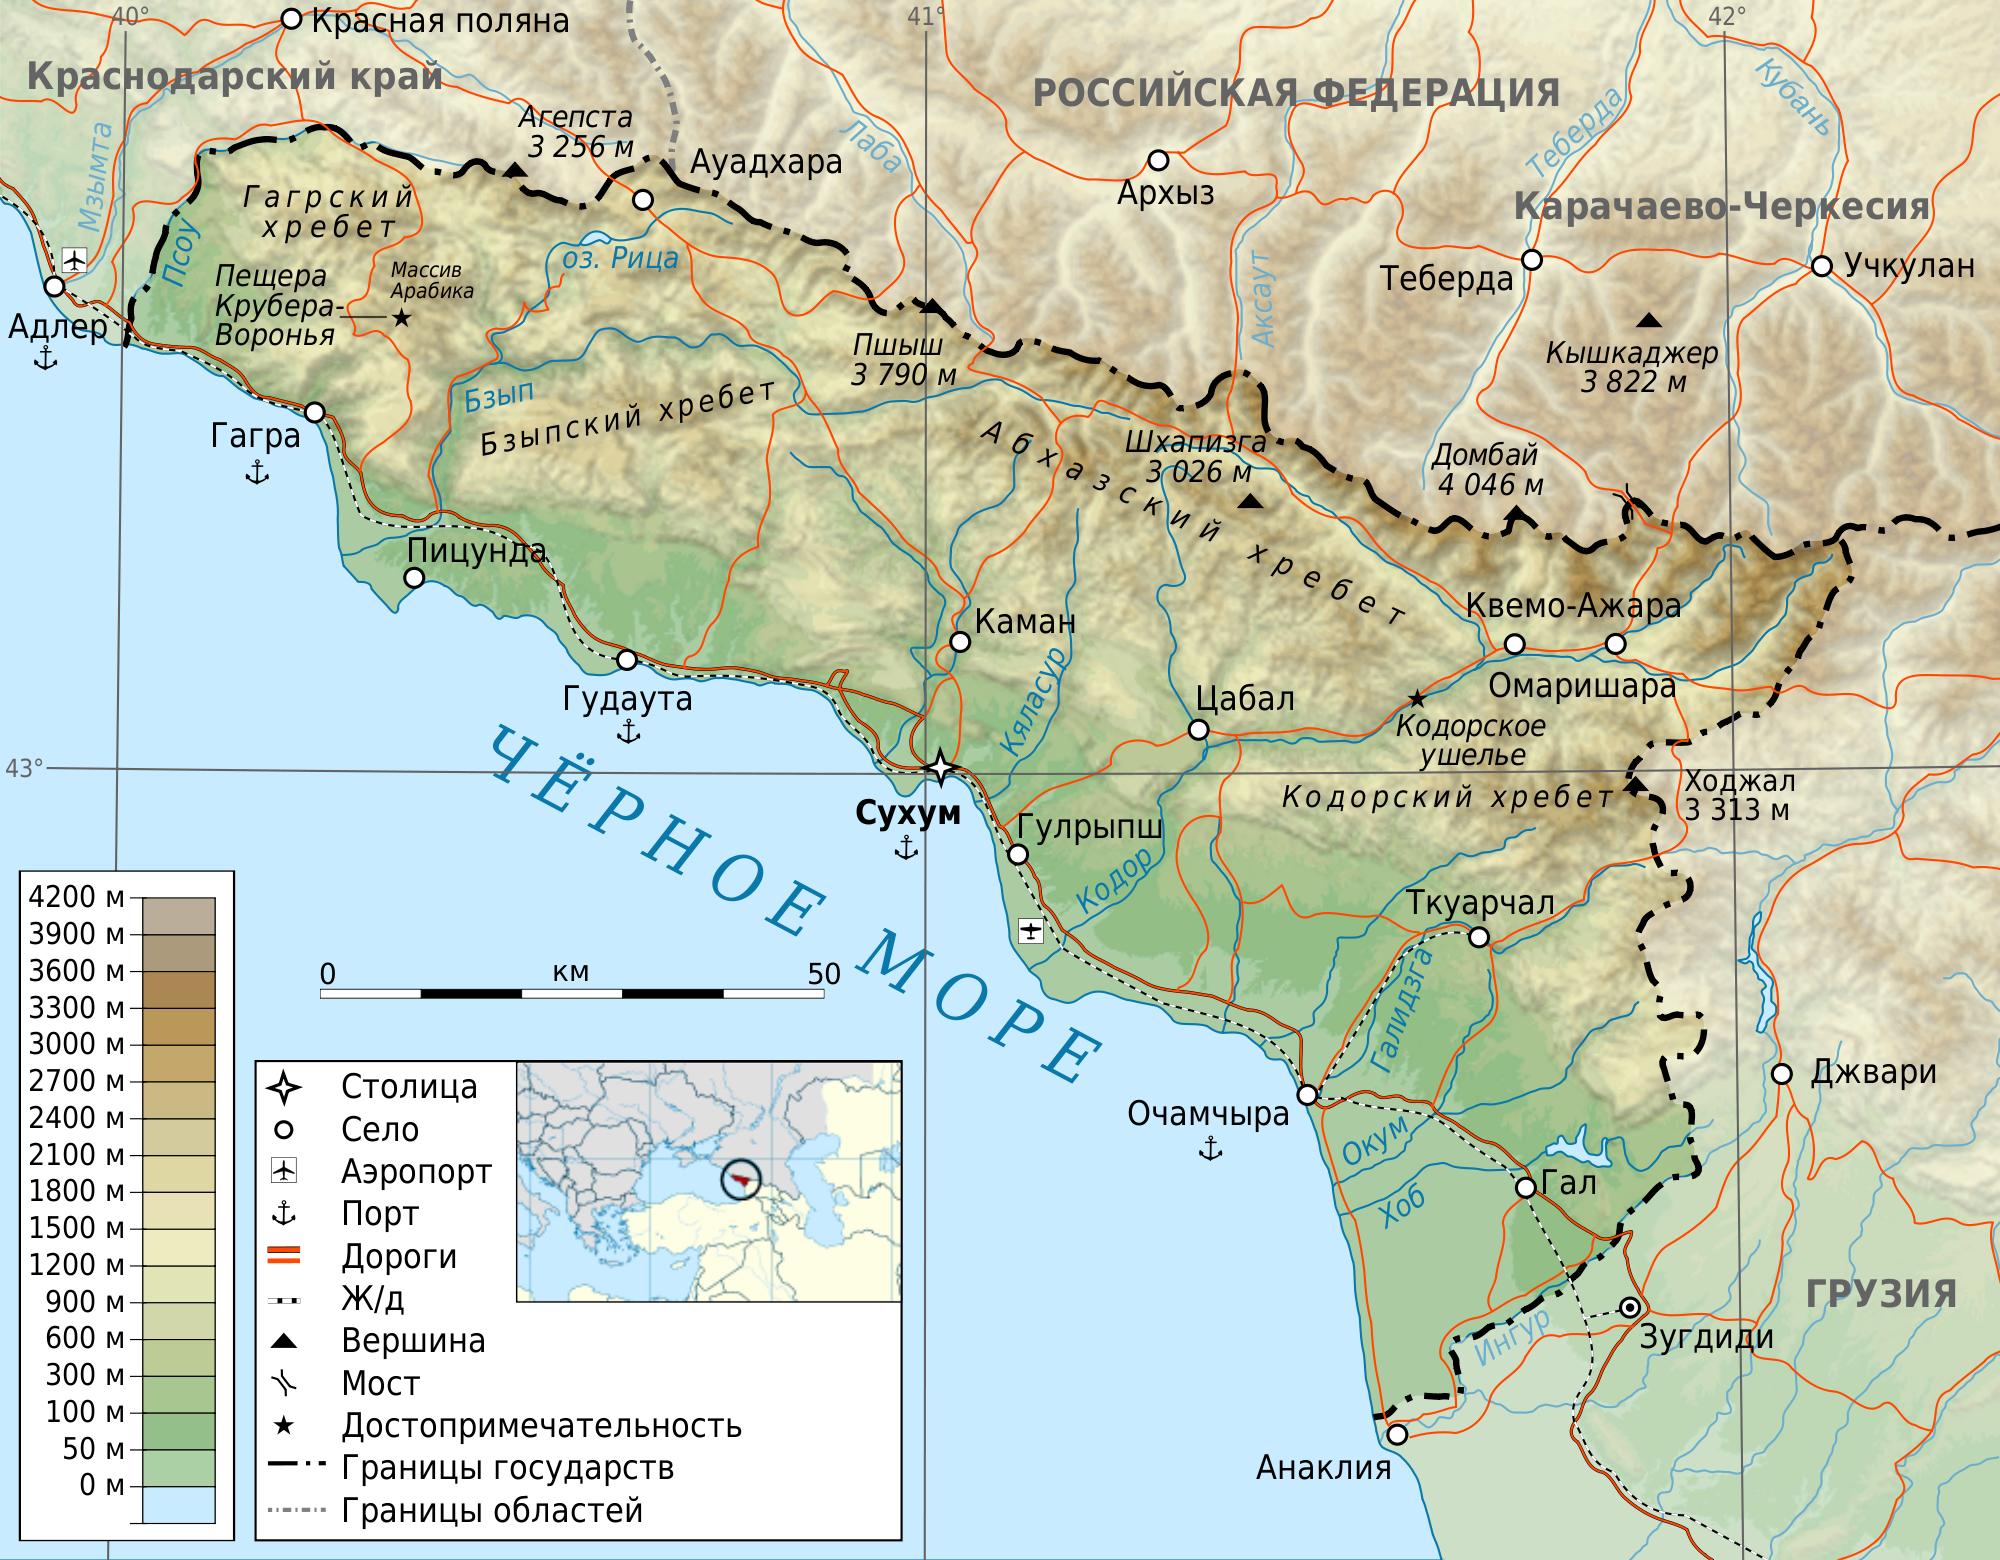 Abkhazia Home Pinterest Georgia And Russia - Abkhazia georgia russia map